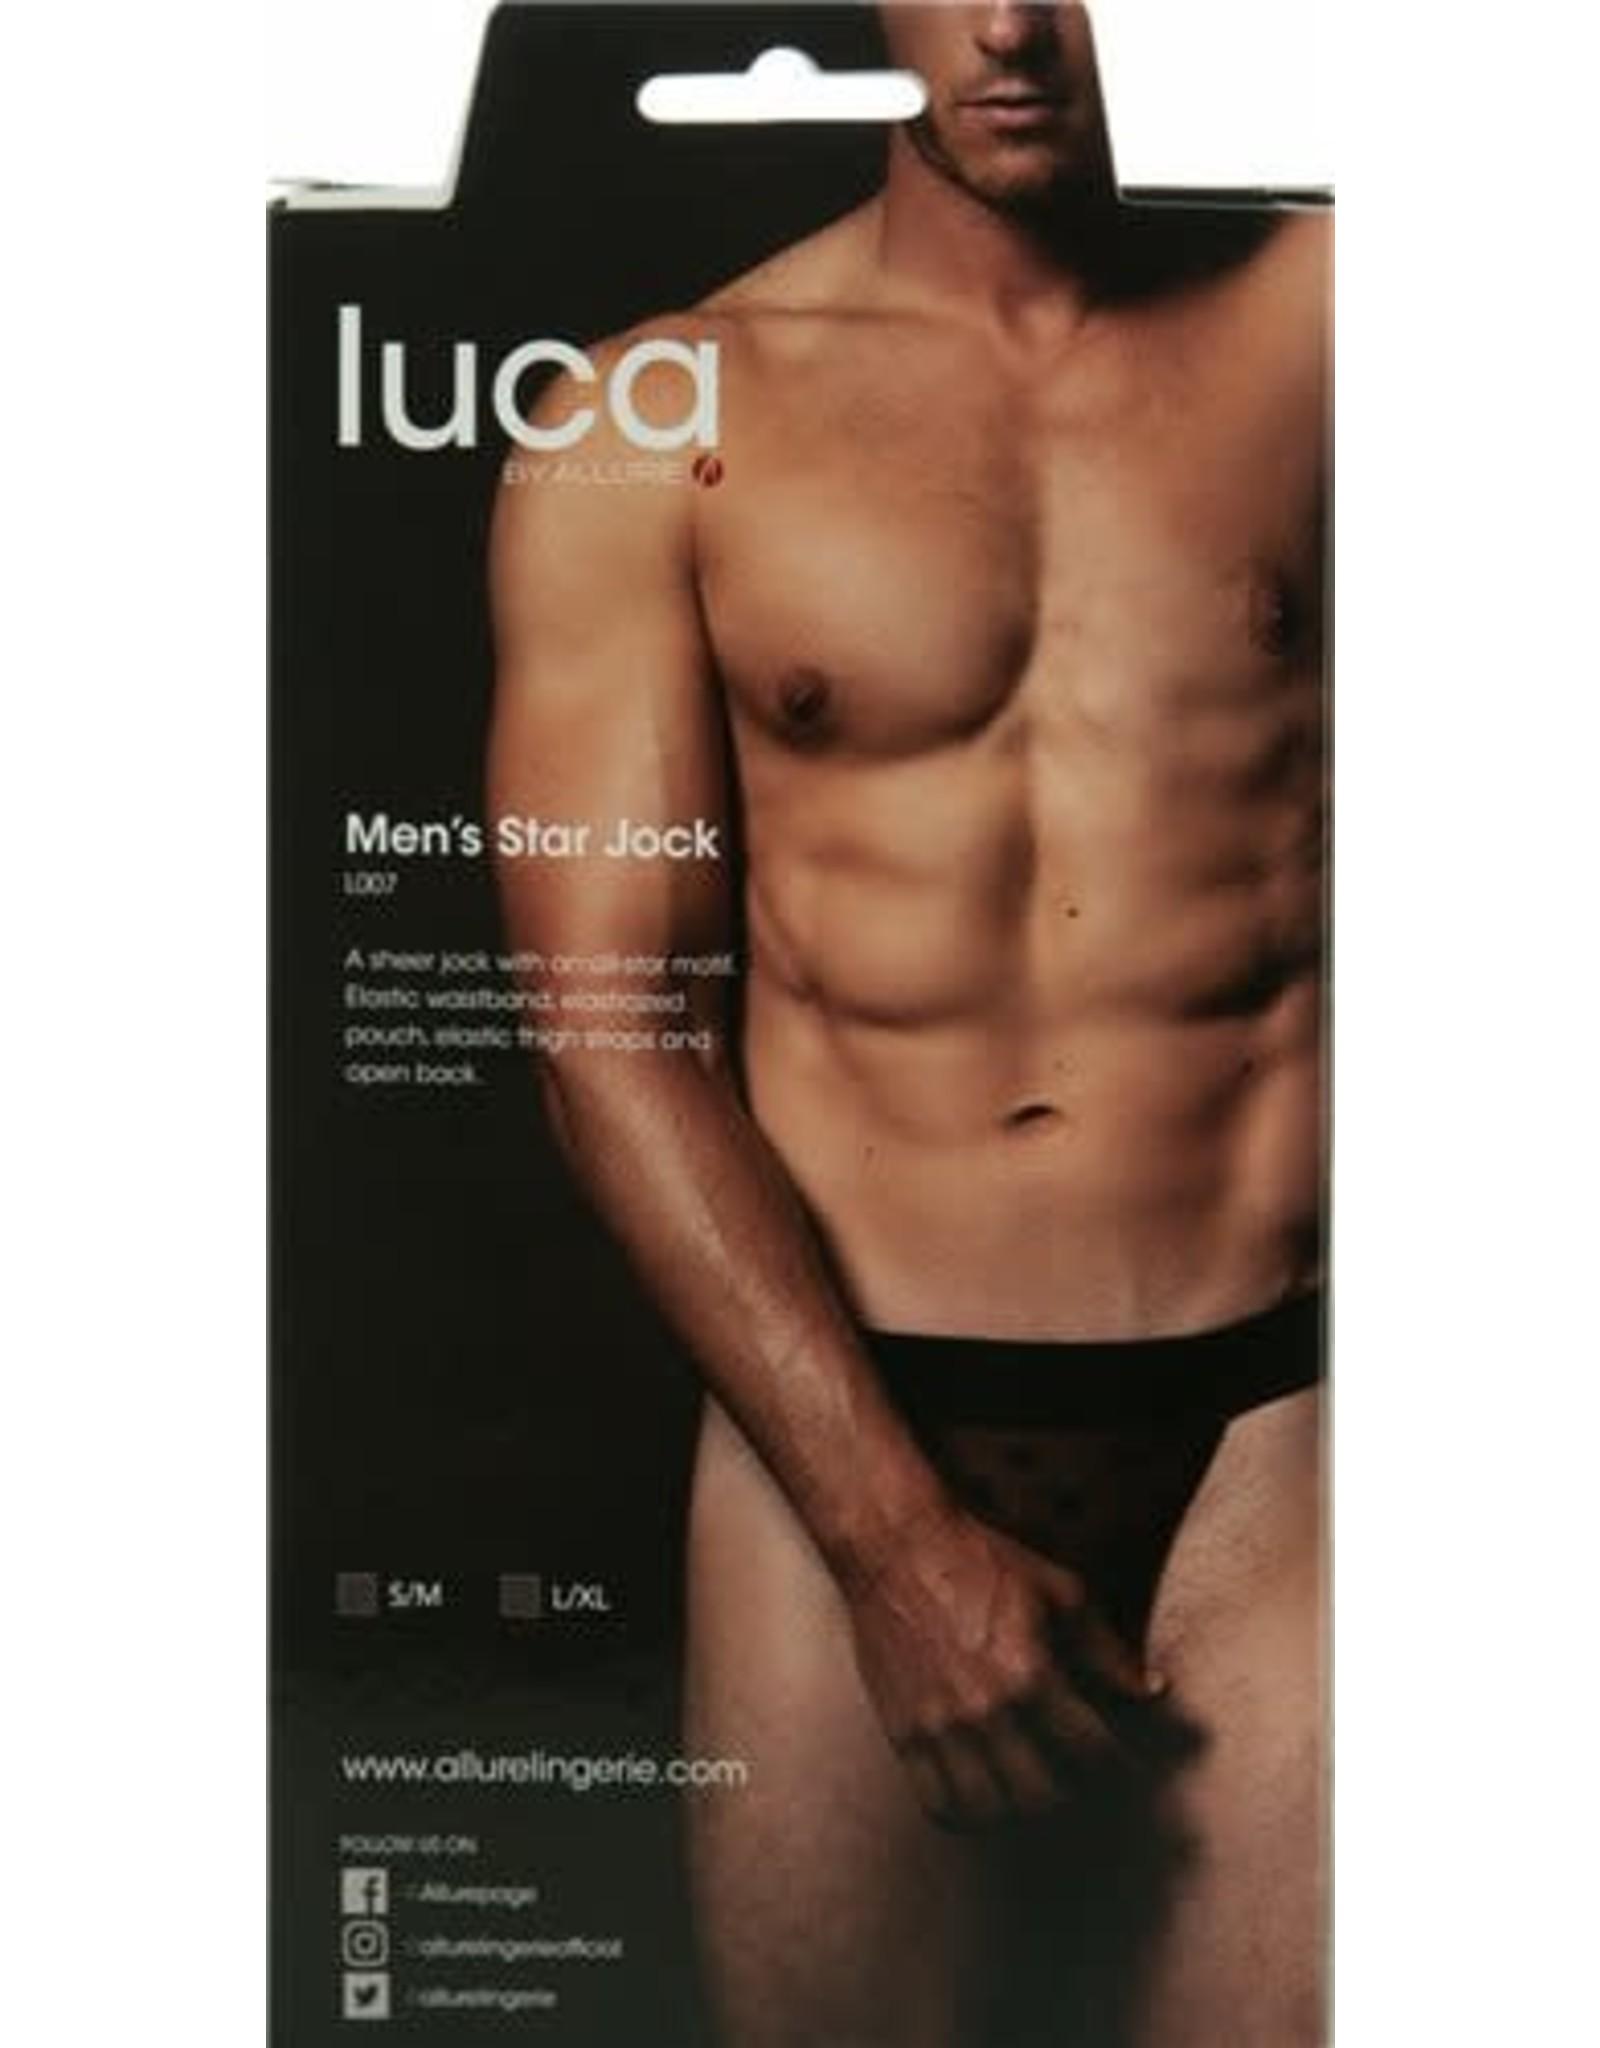 Allure Lingerie Luca By Allure  - Men's Star Jock - S/M